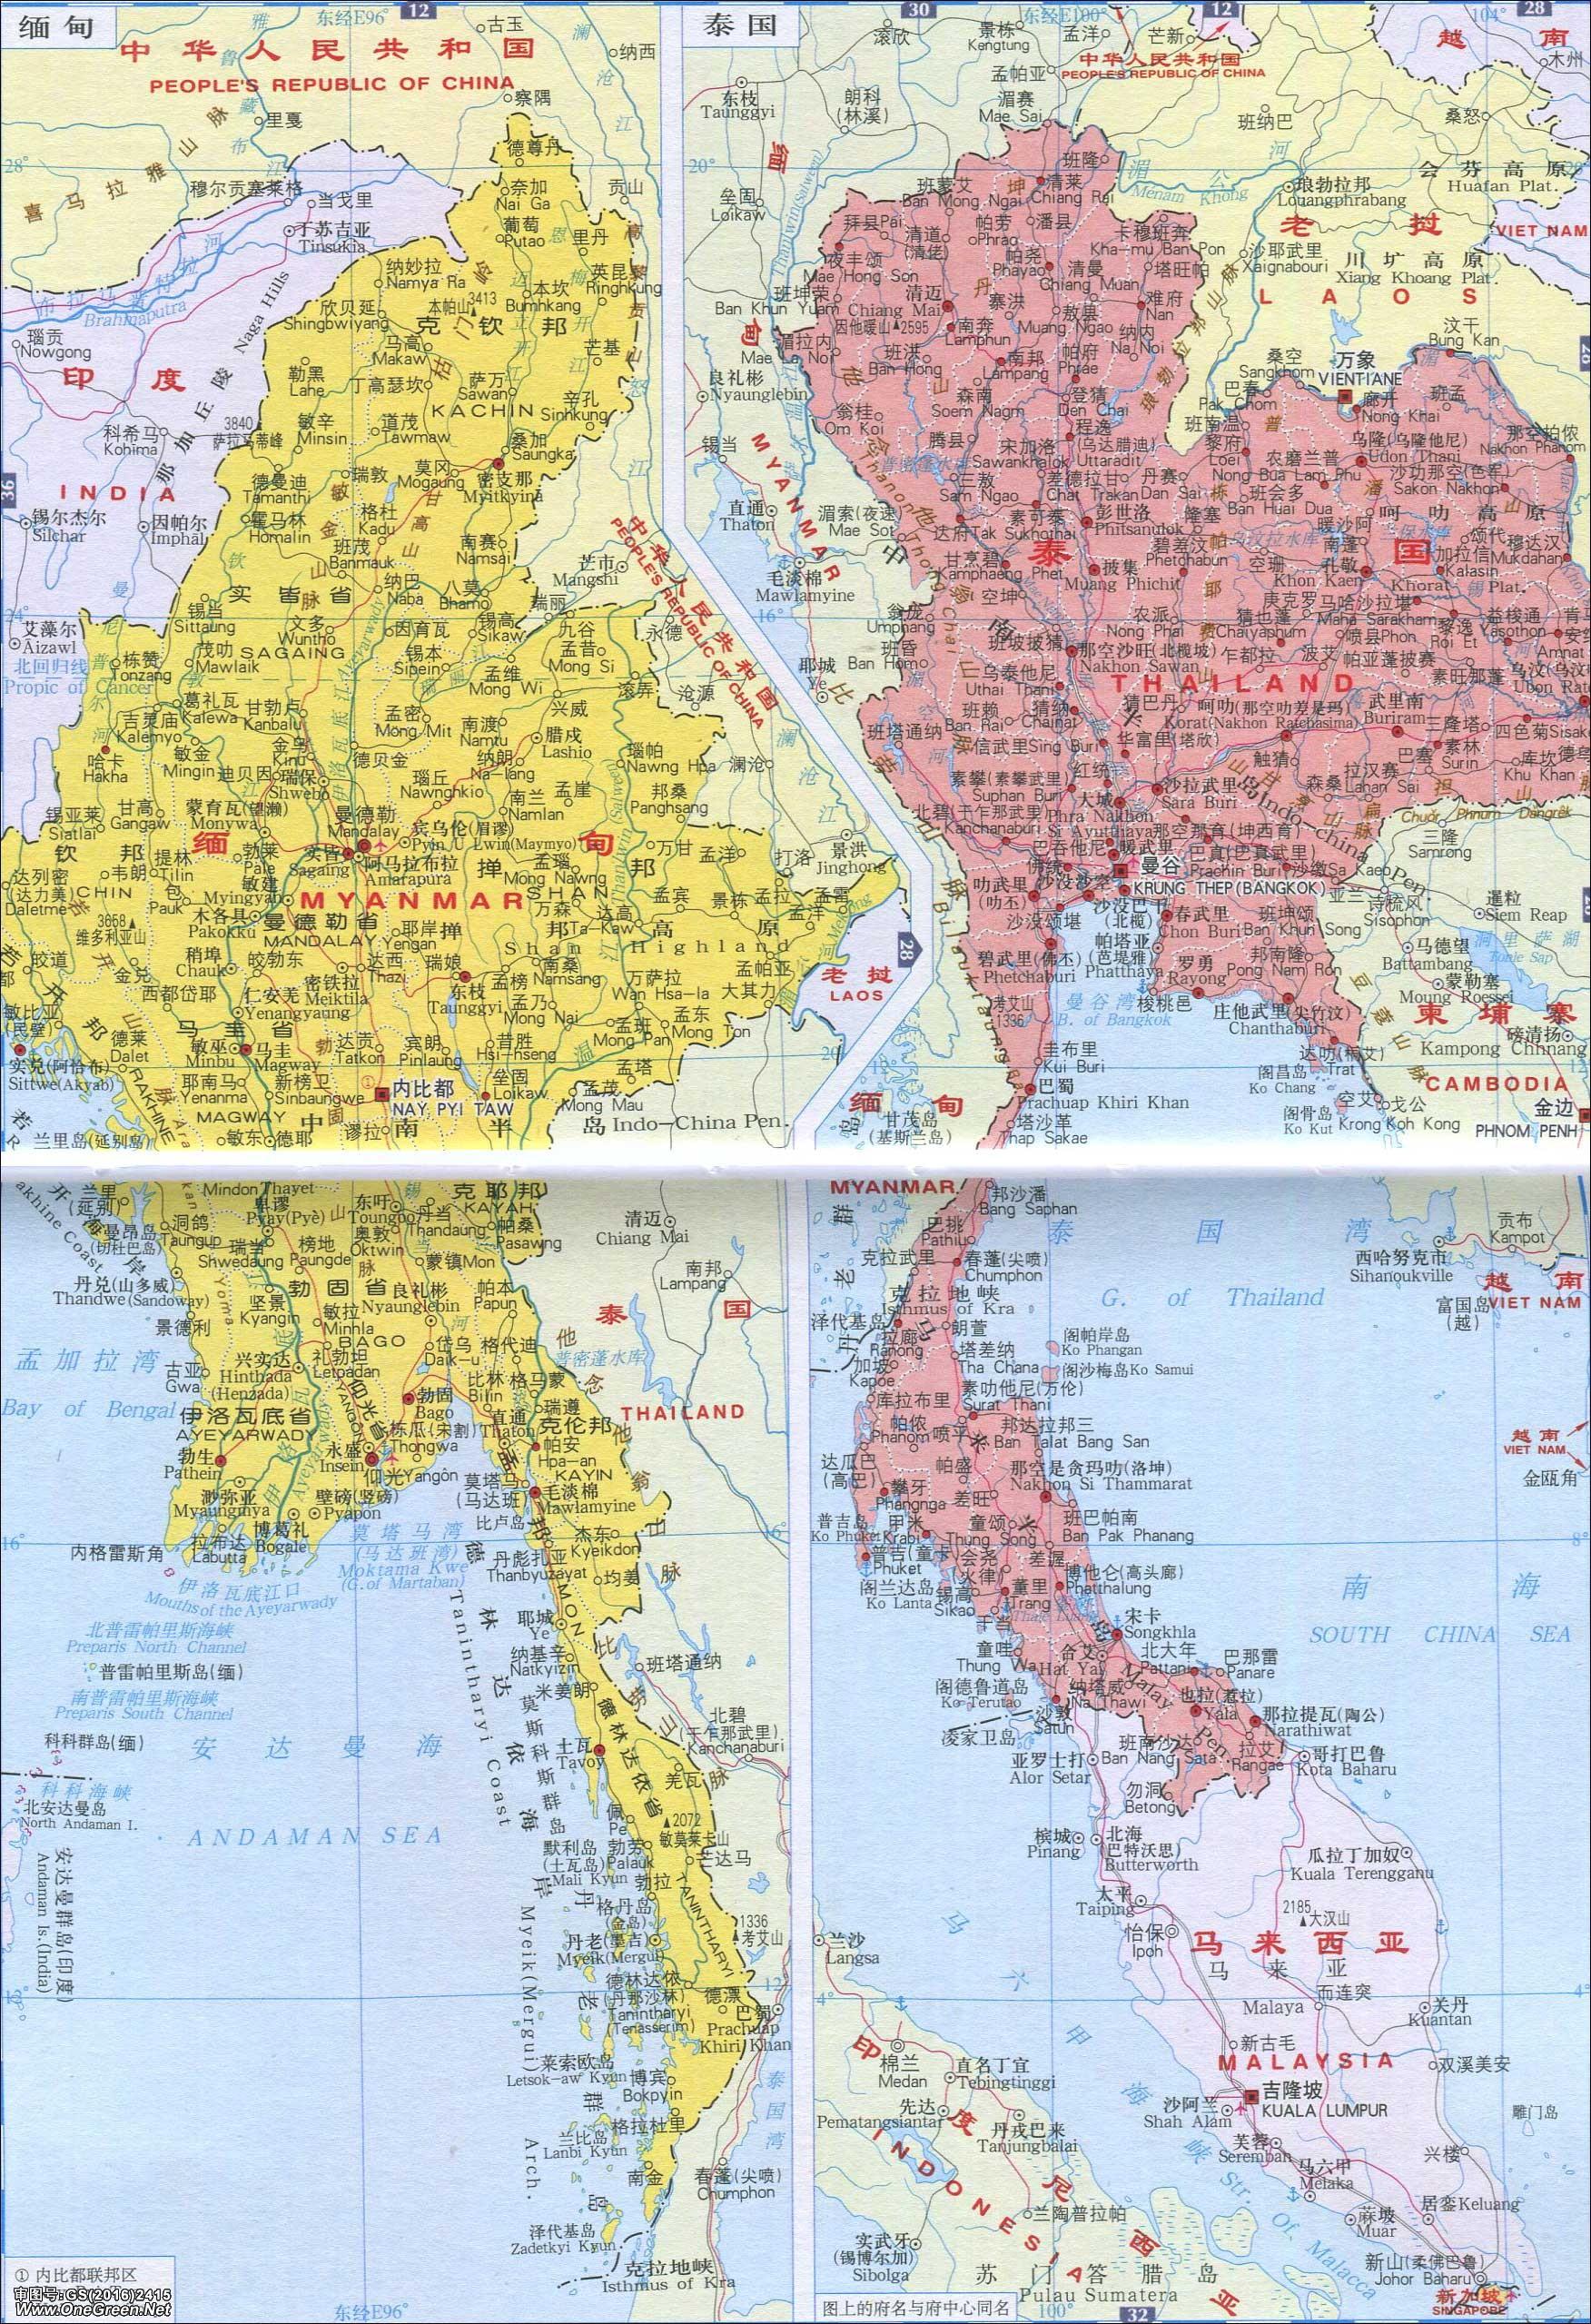 缅甸行政地图最新版